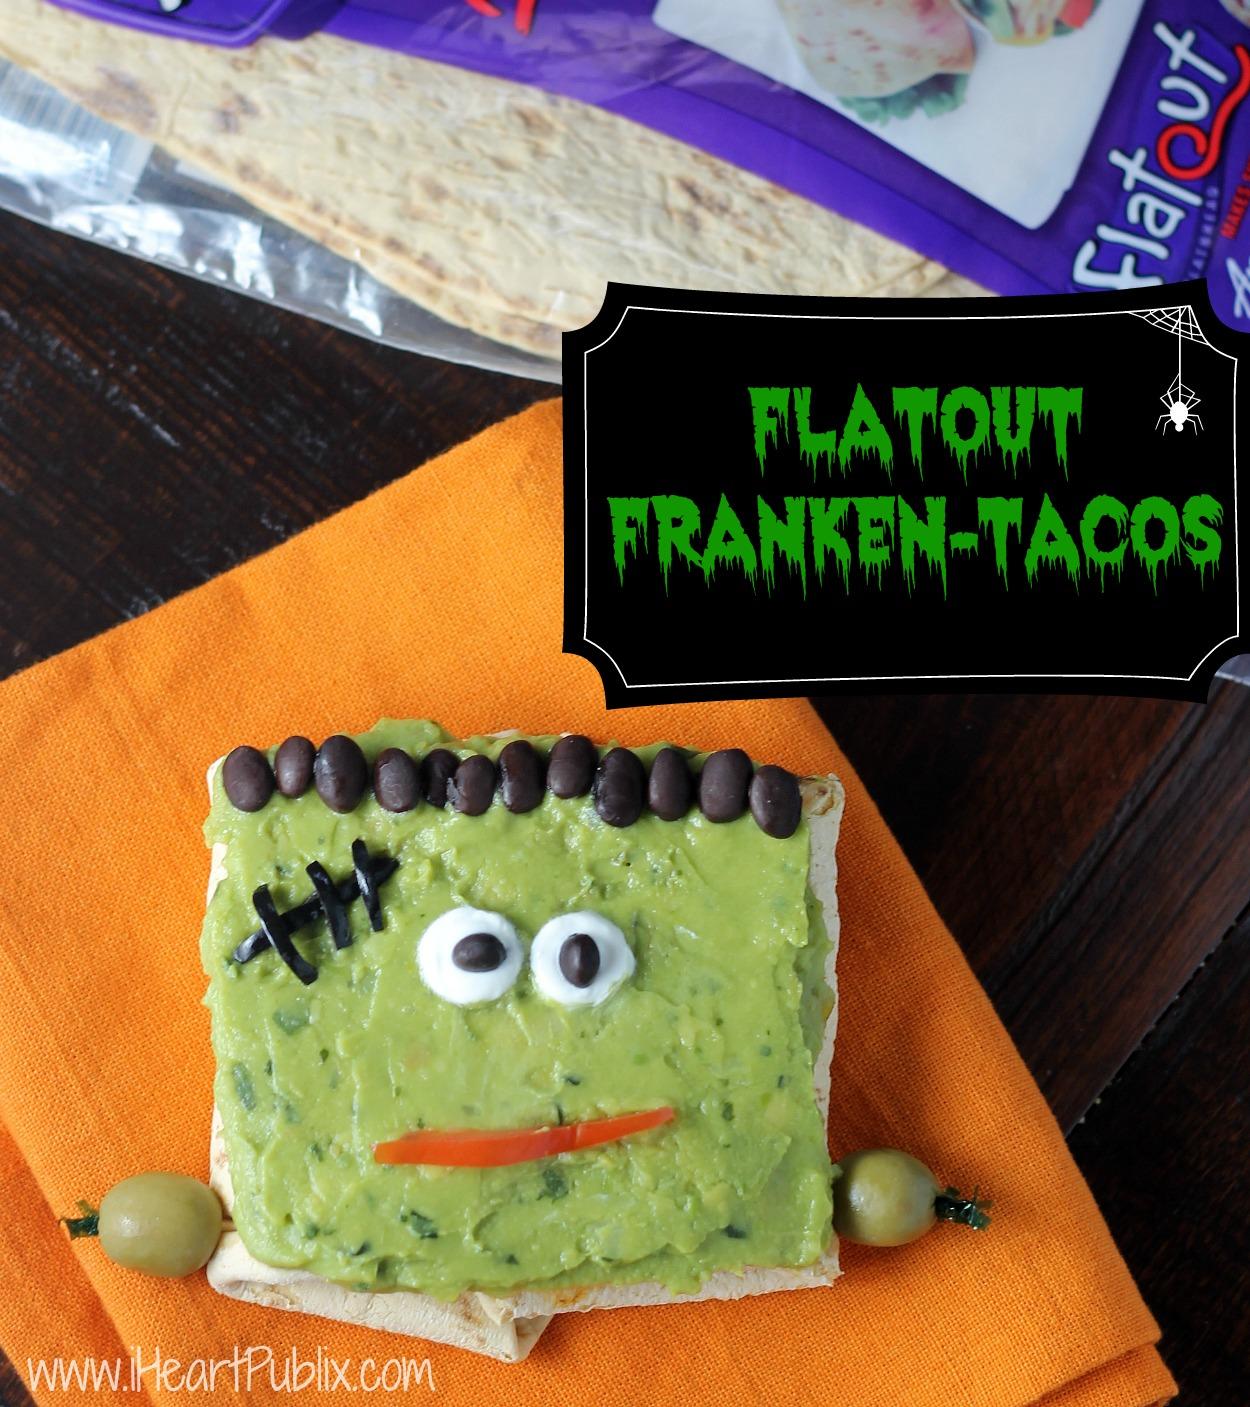 Flatout Franken-Tacos